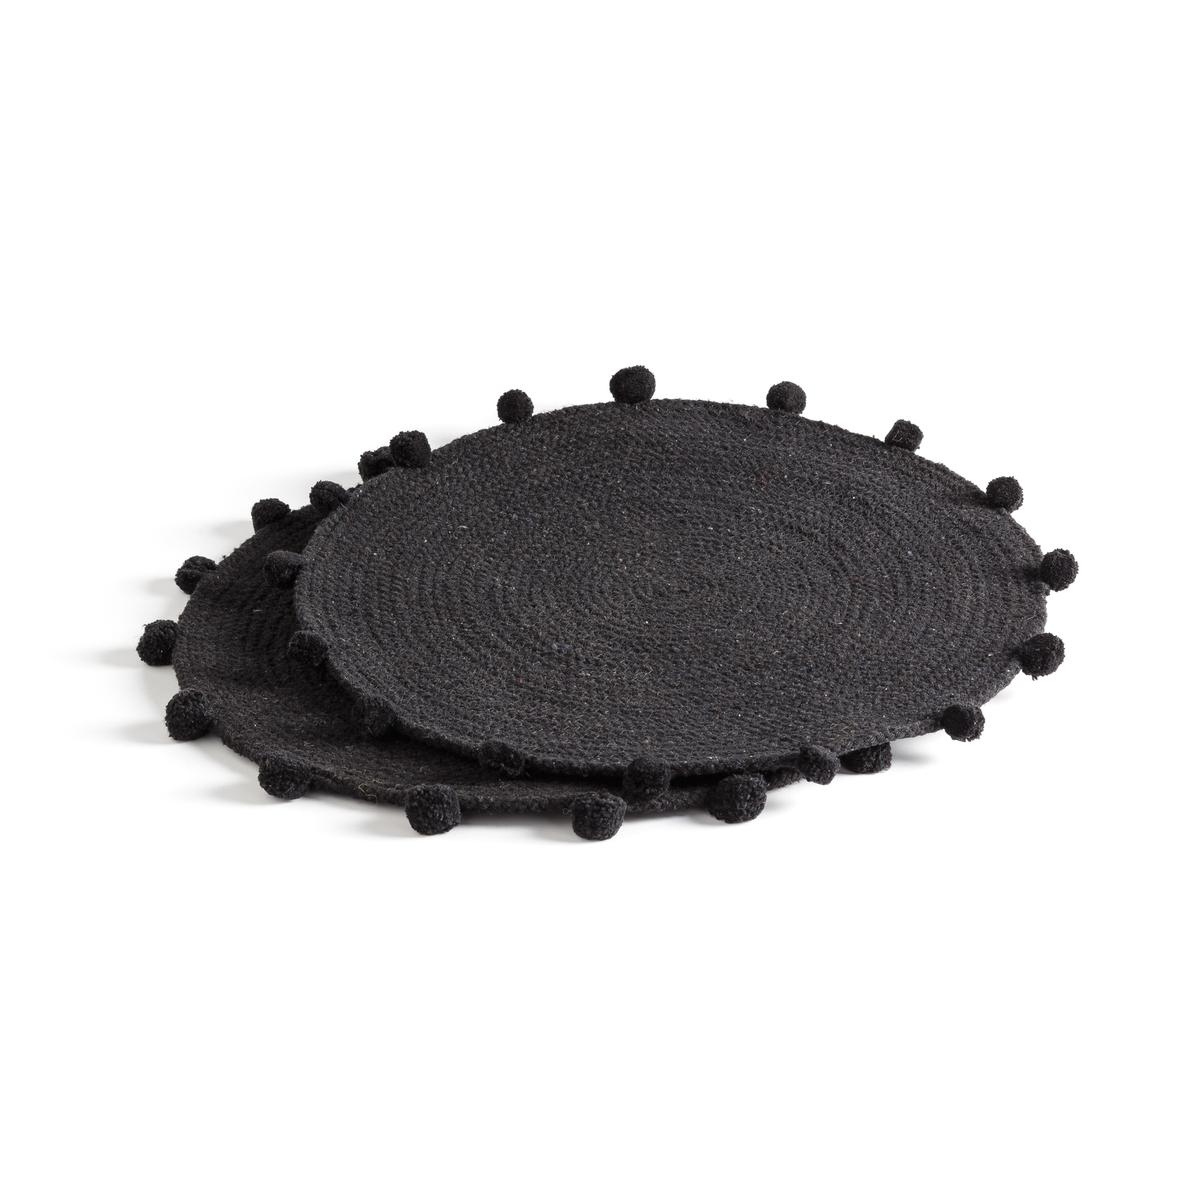 Комплект из подставок под La Redoute Приборы SIKLO единый размер черный комплект из 2 салфеток под приборы с рисунком maloja